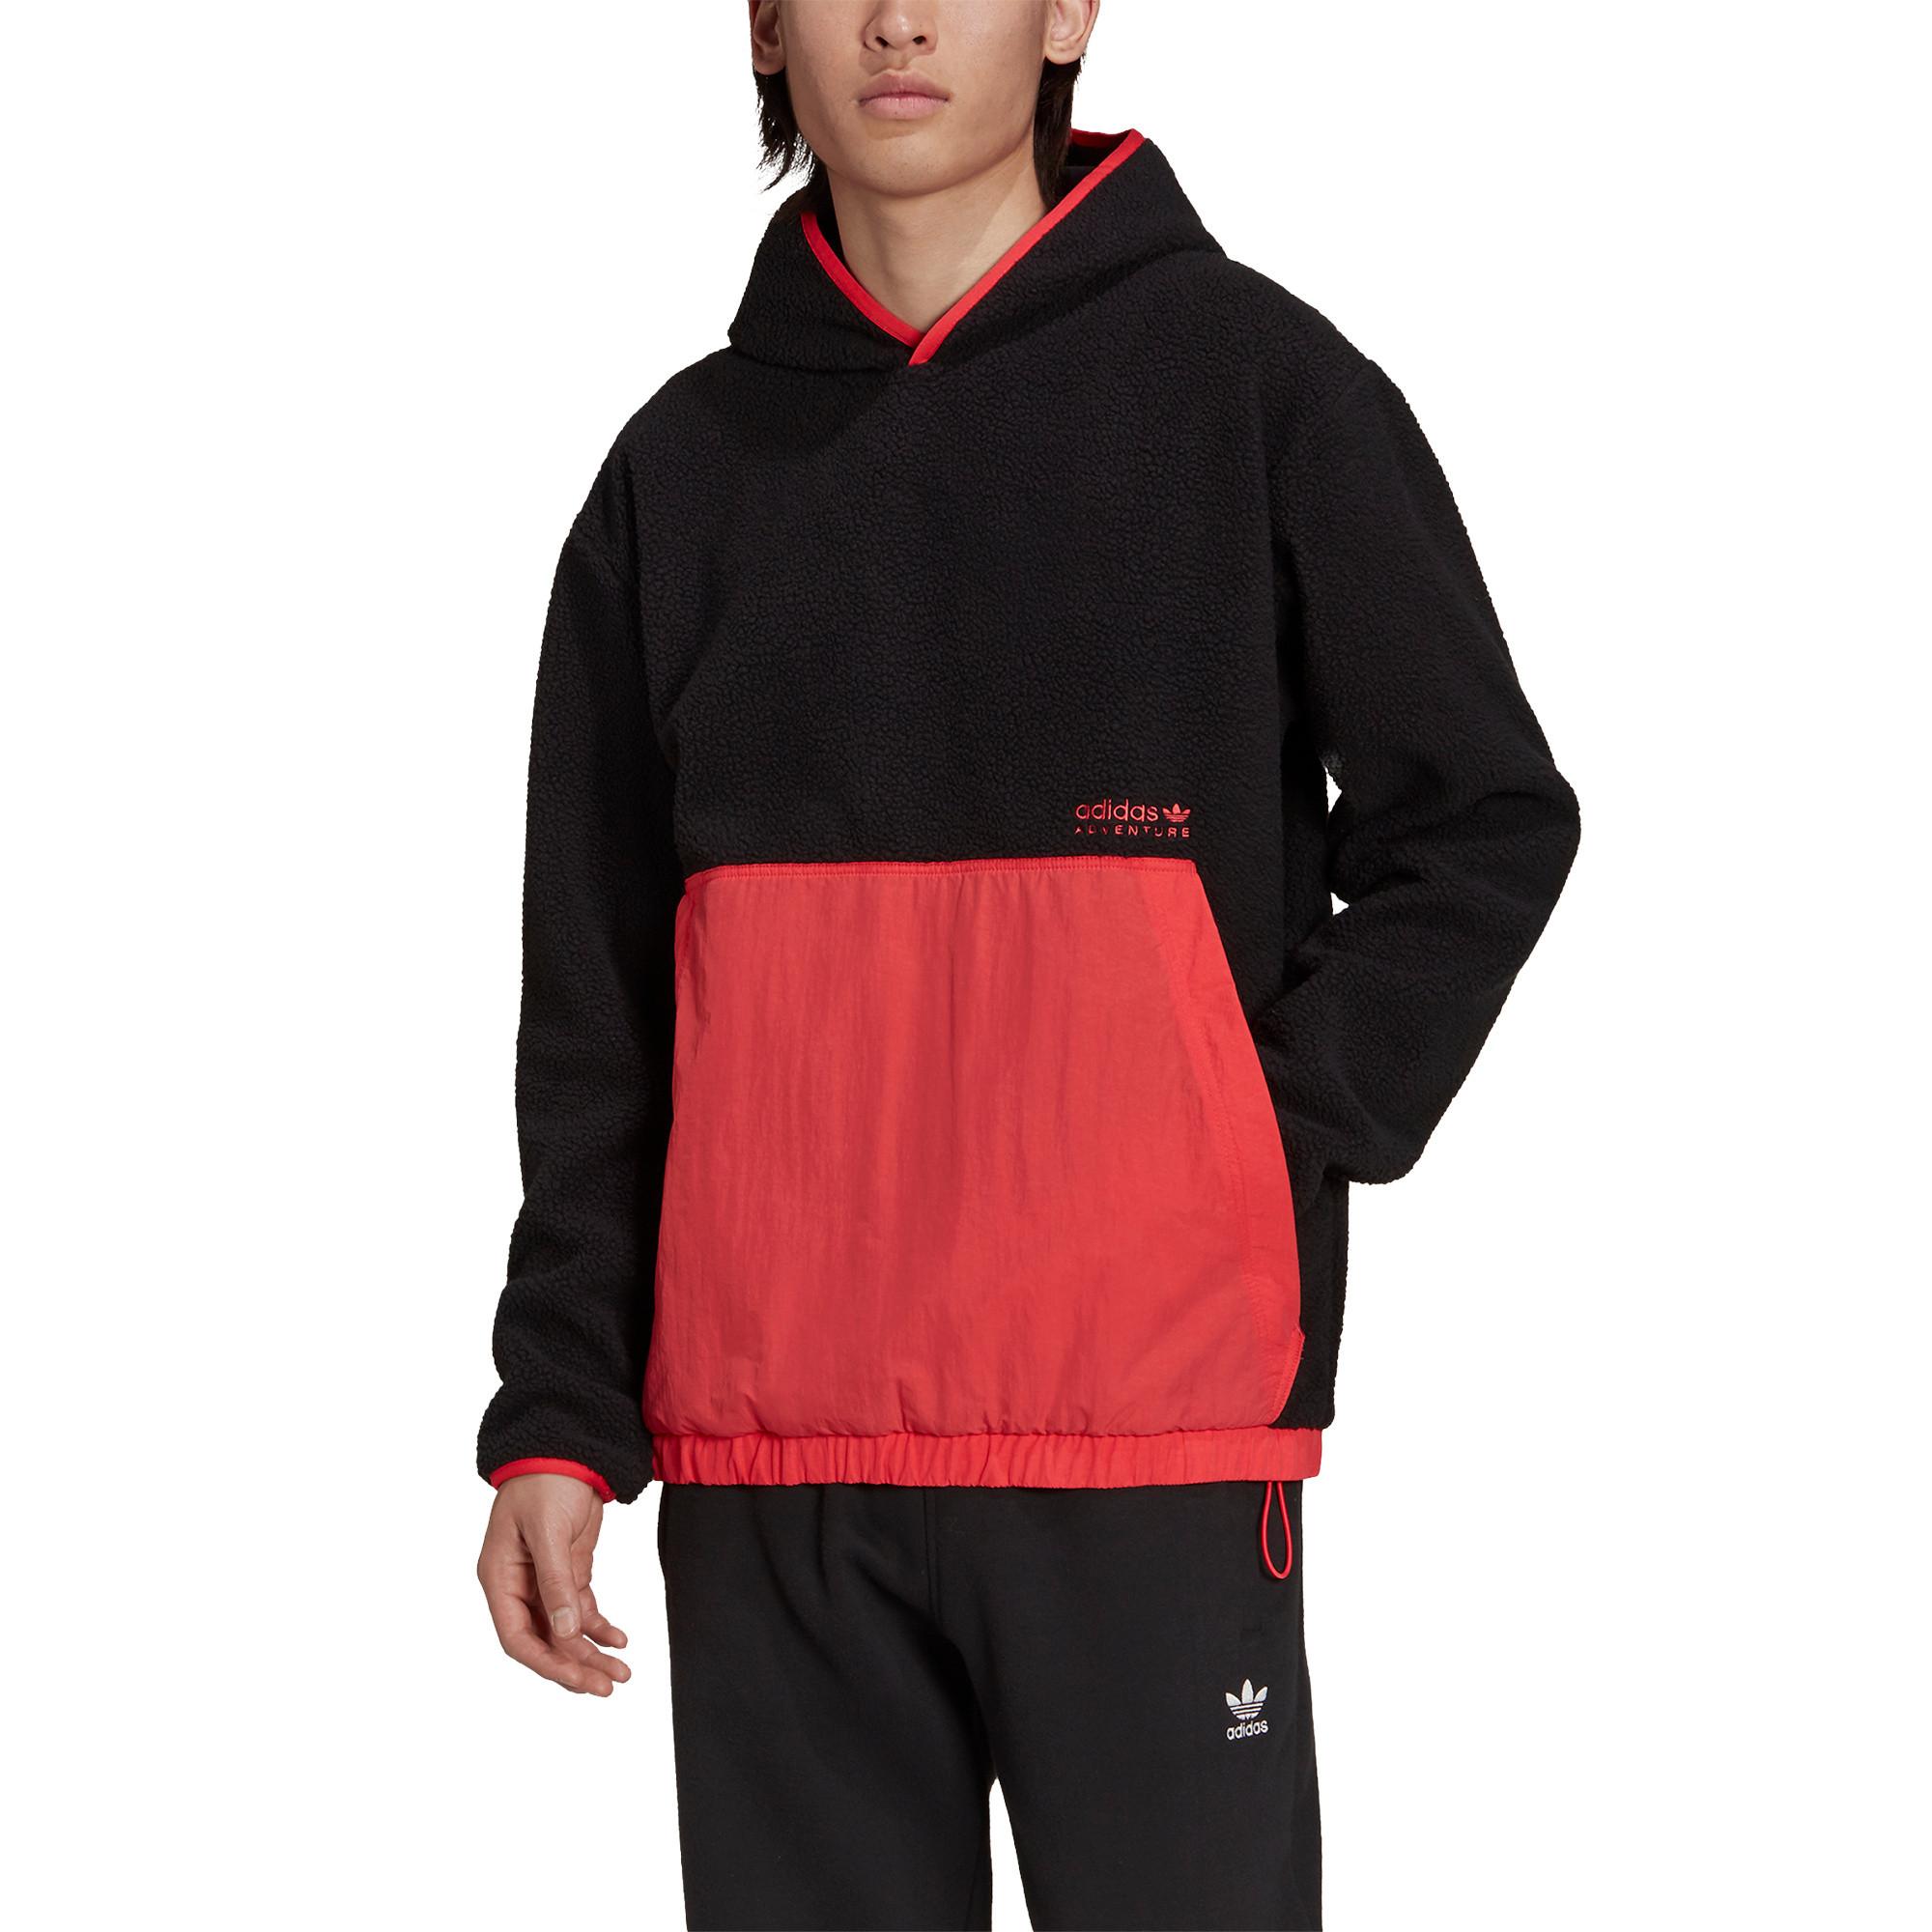 Felpa con cappuccio adidas Adventure Polar Fleece, Nero, large image number 2